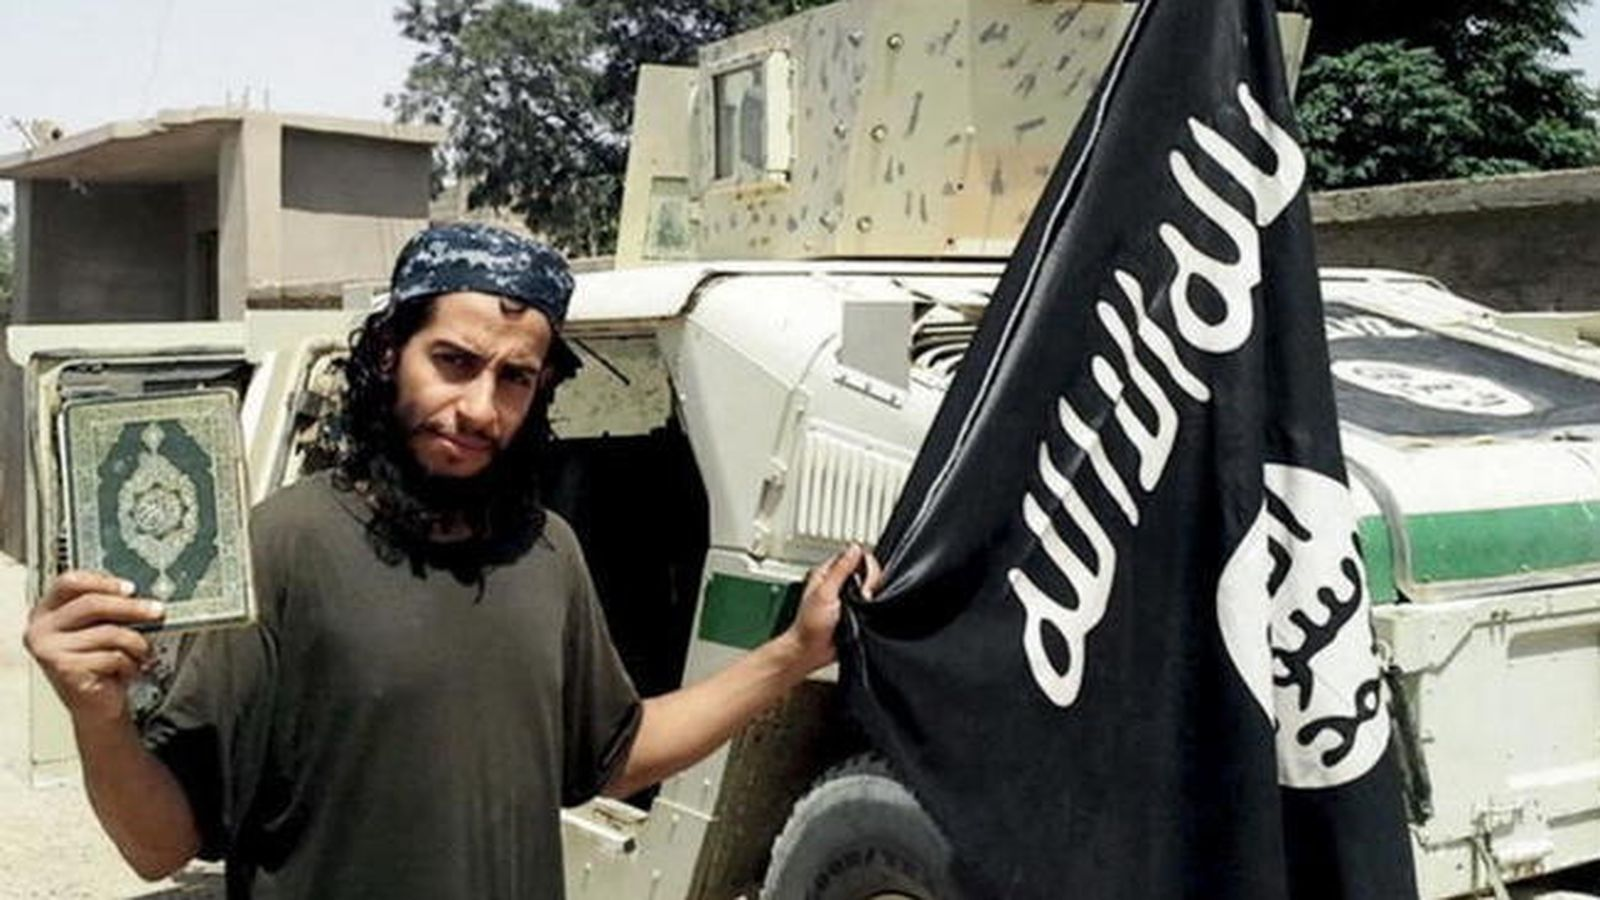 Foto: El terrorista Abdelhamid Abaaoudcon una bandera del Estado Islámico y el Corán en la mano. (Reuters)